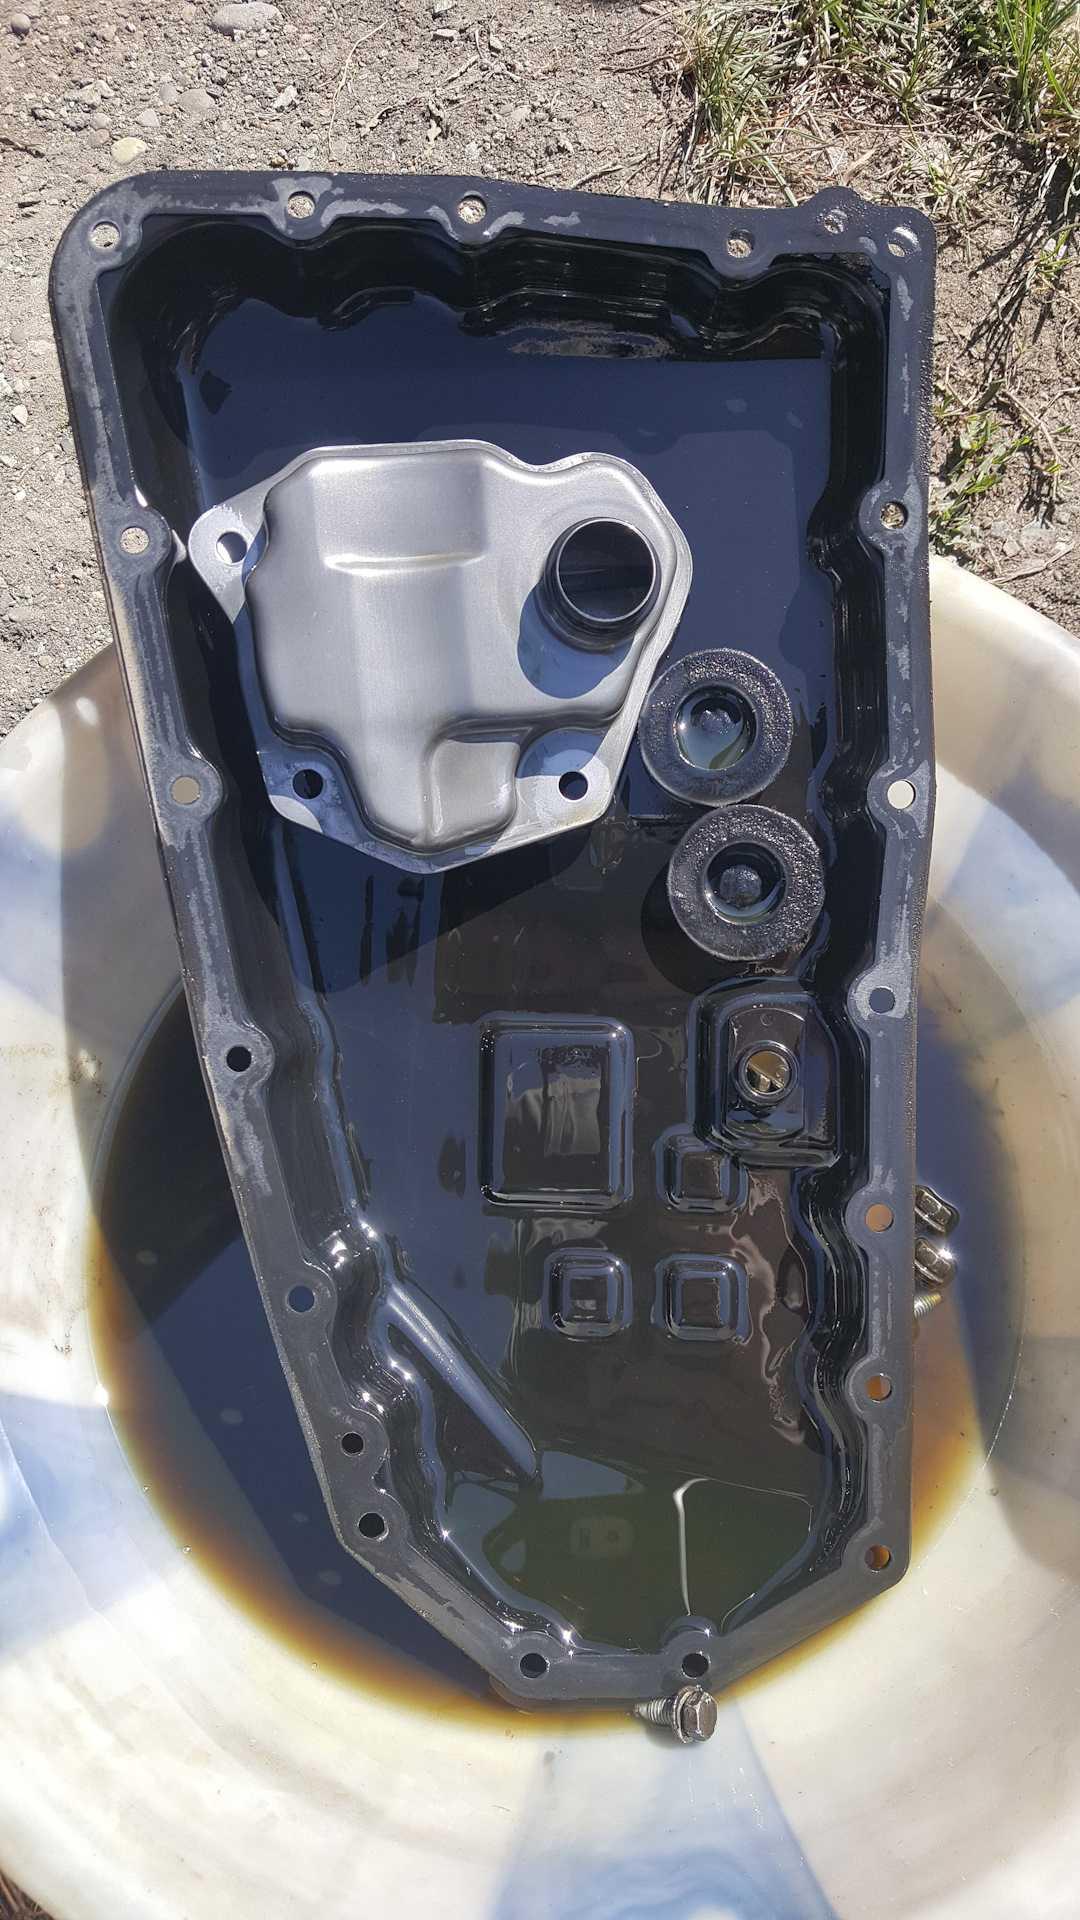 Замену масла в вариаторе митсубиси аутлендер 3 делать нужно